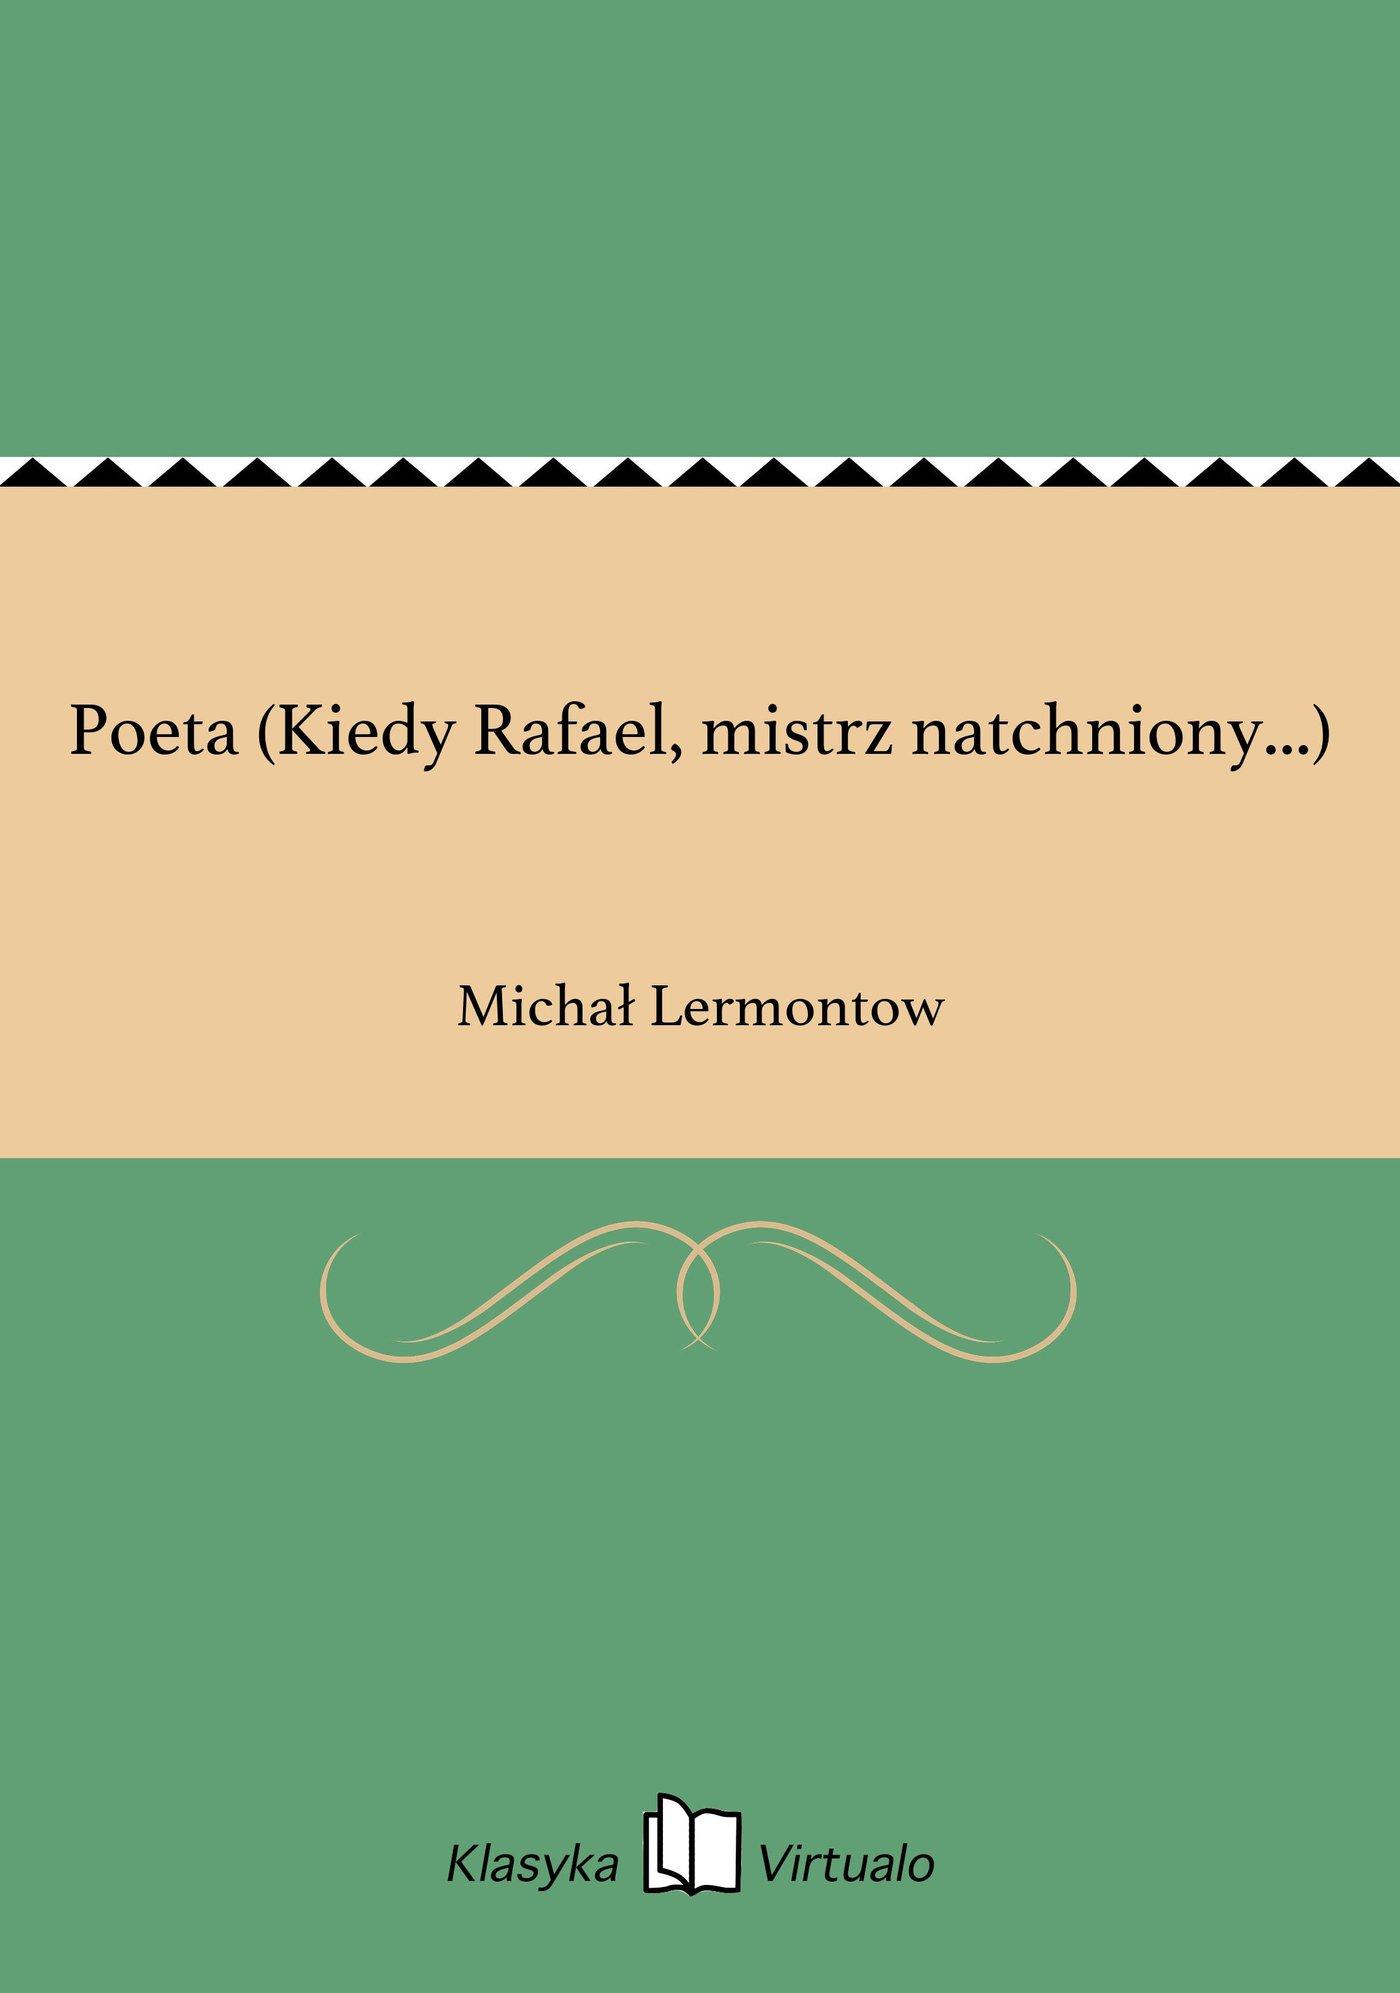 Poeta (Kiedy Rafael, mistrz natchniony...) - Ebook (Książka EPUB) do pobrania w formacie EPUB